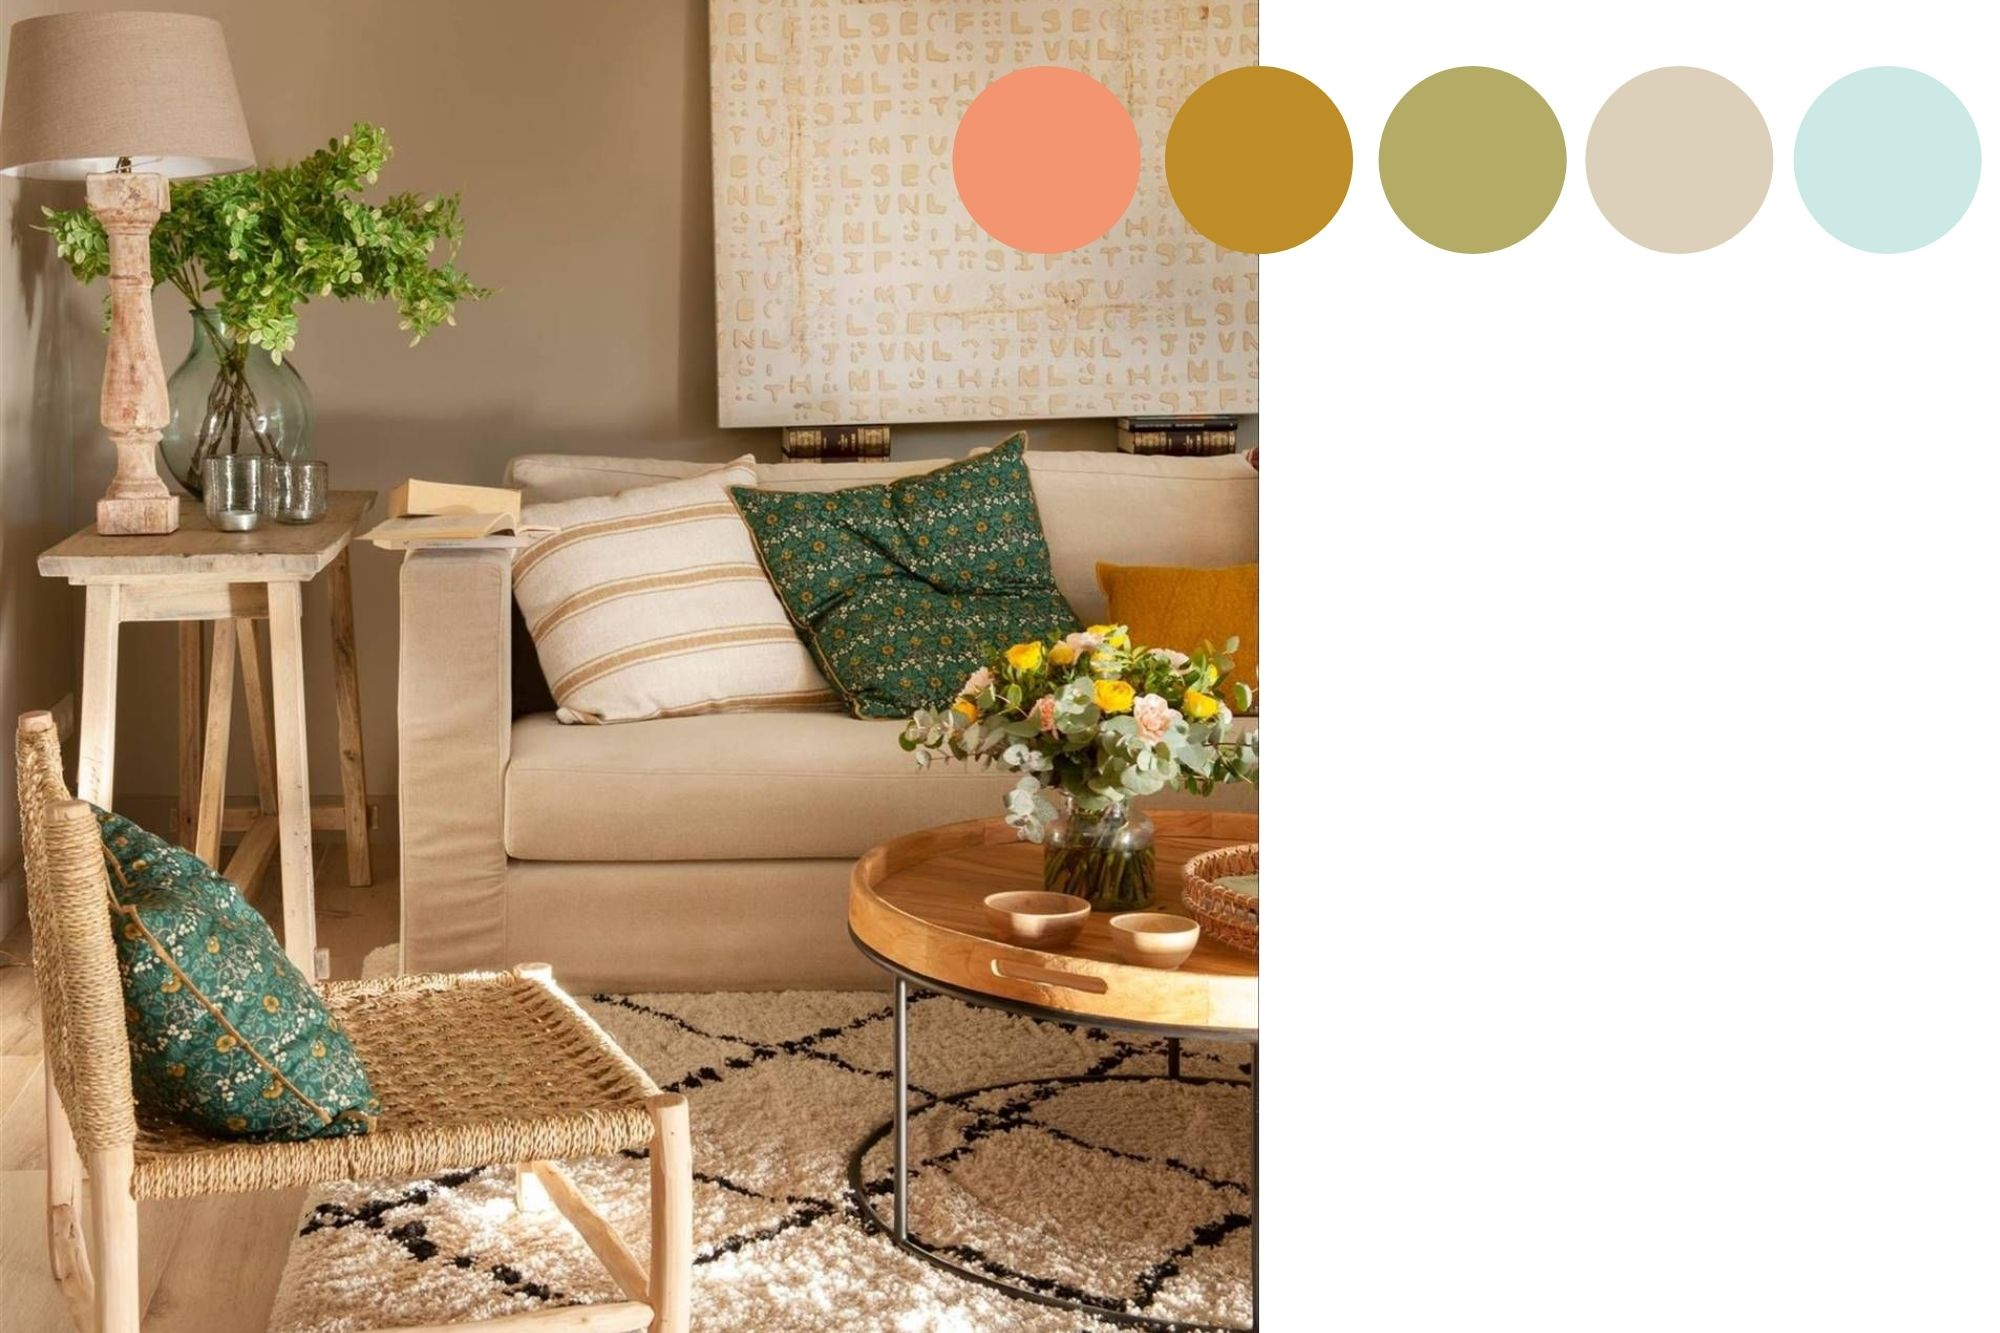 Paleta de colores primavera 2021, coral, mostaza, verde, azul y beige